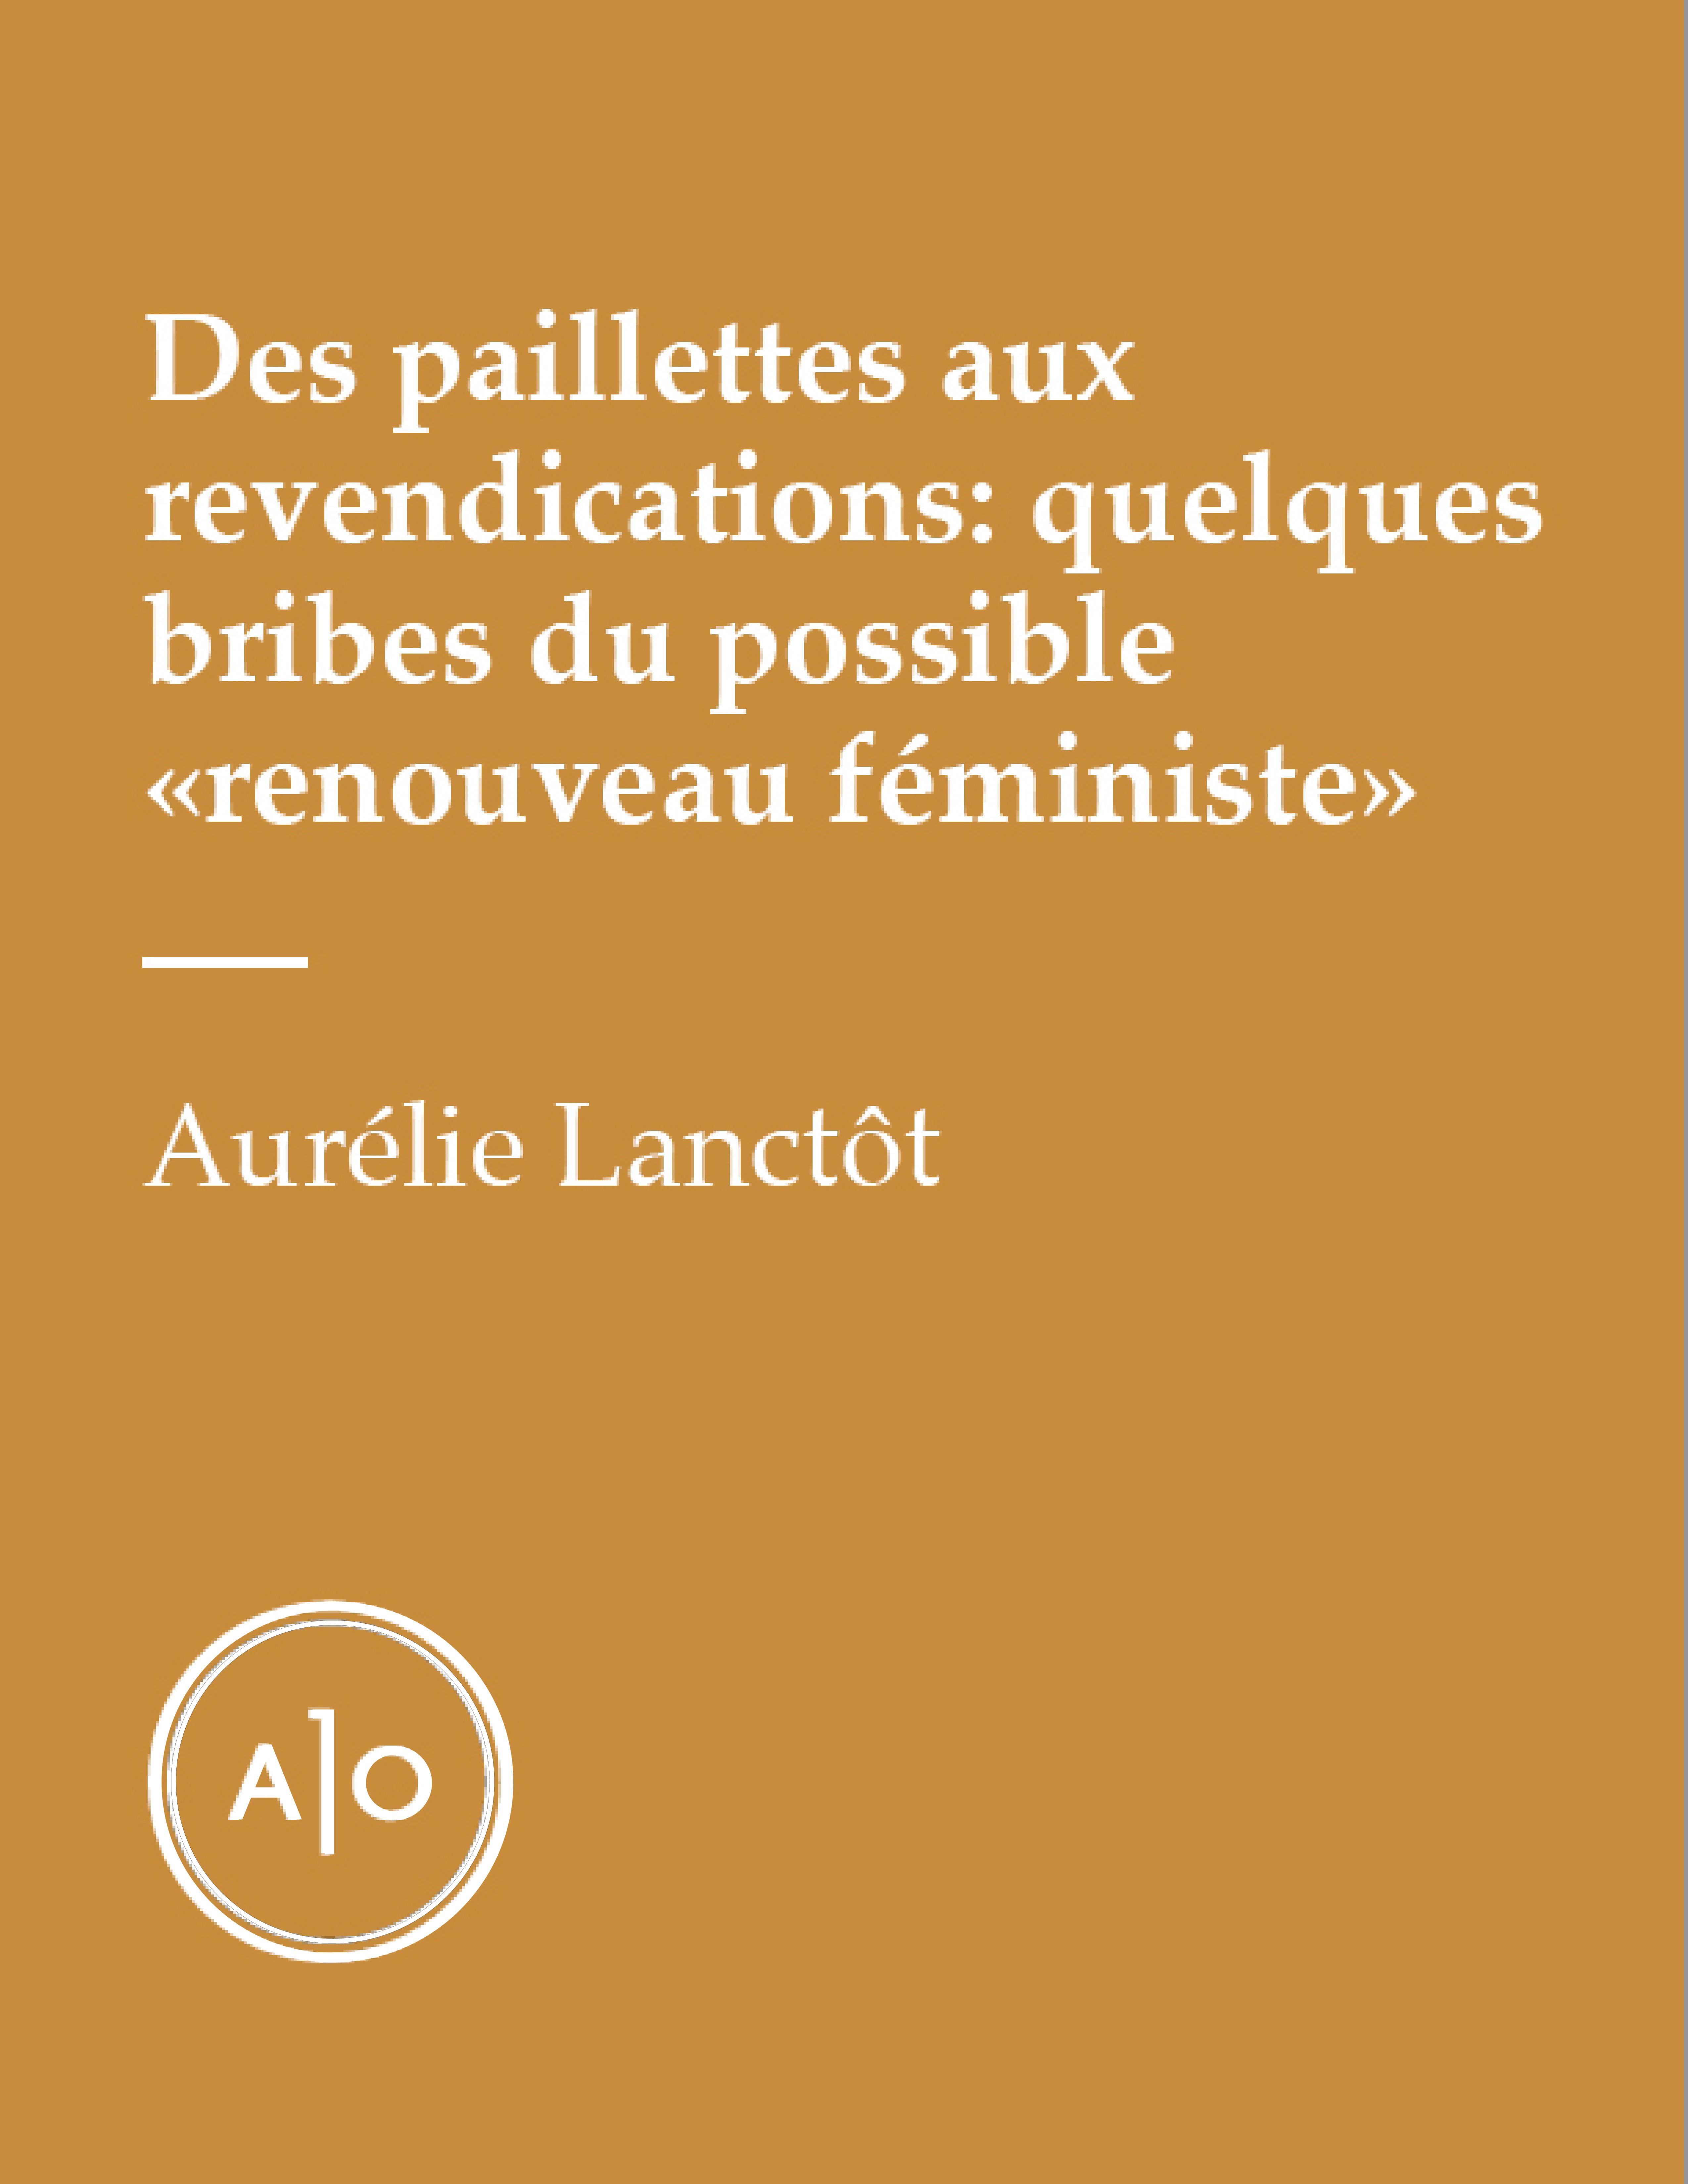 Des paillettes aux revendications: quelques bribes du possible «renouveau féministe»